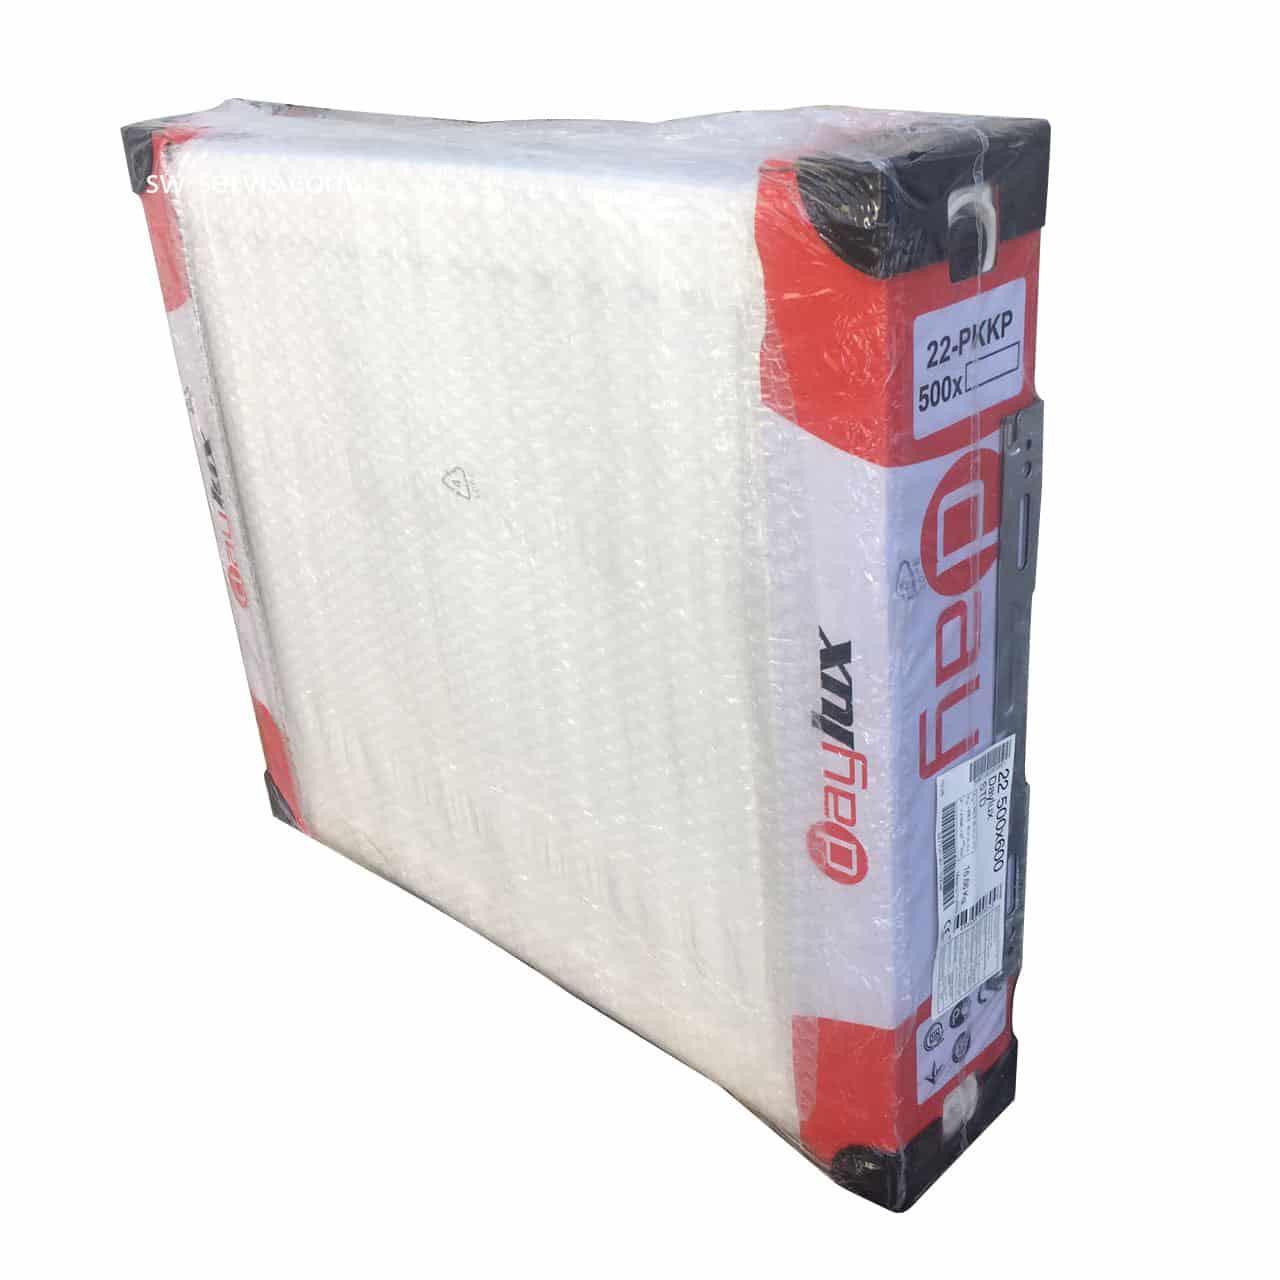 Сталевий радіатор тип 22 600*900 daylux